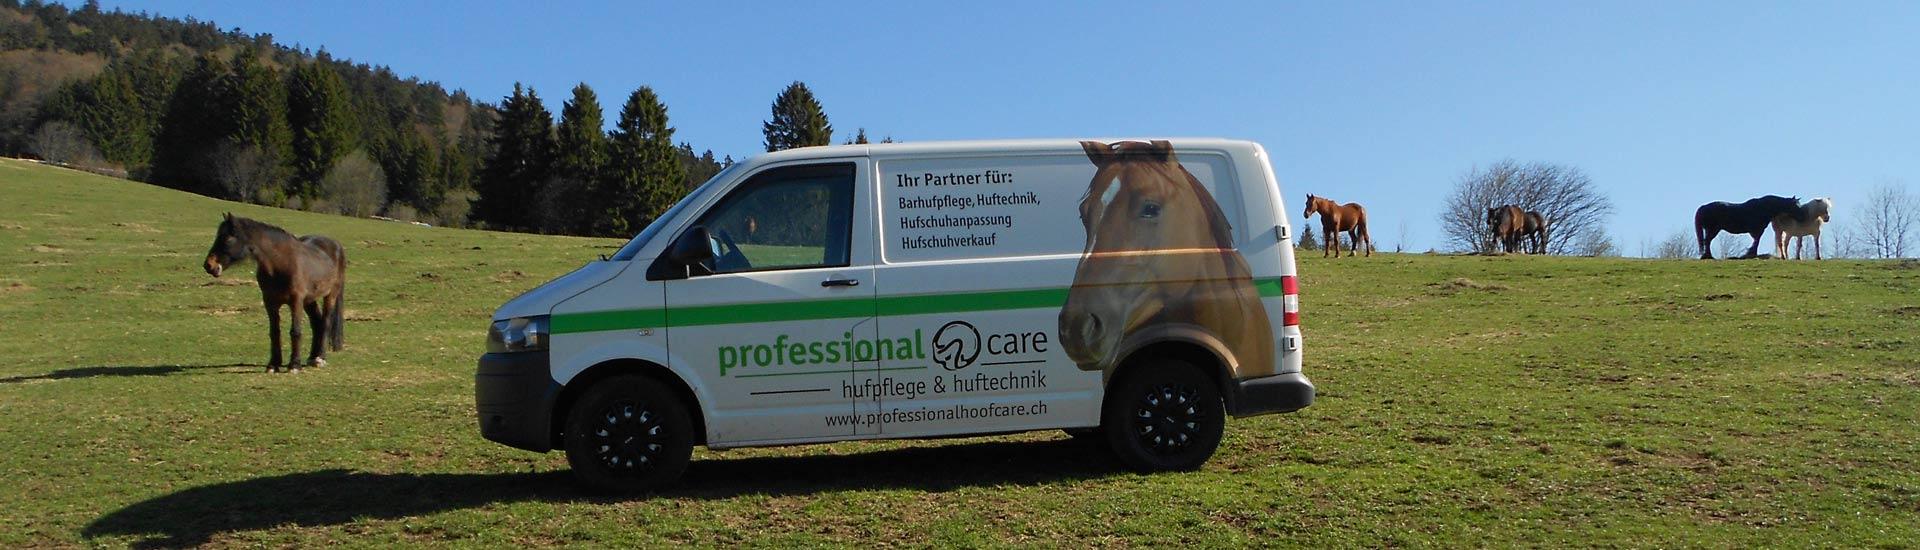 Der Bus von Professional Hoofcare